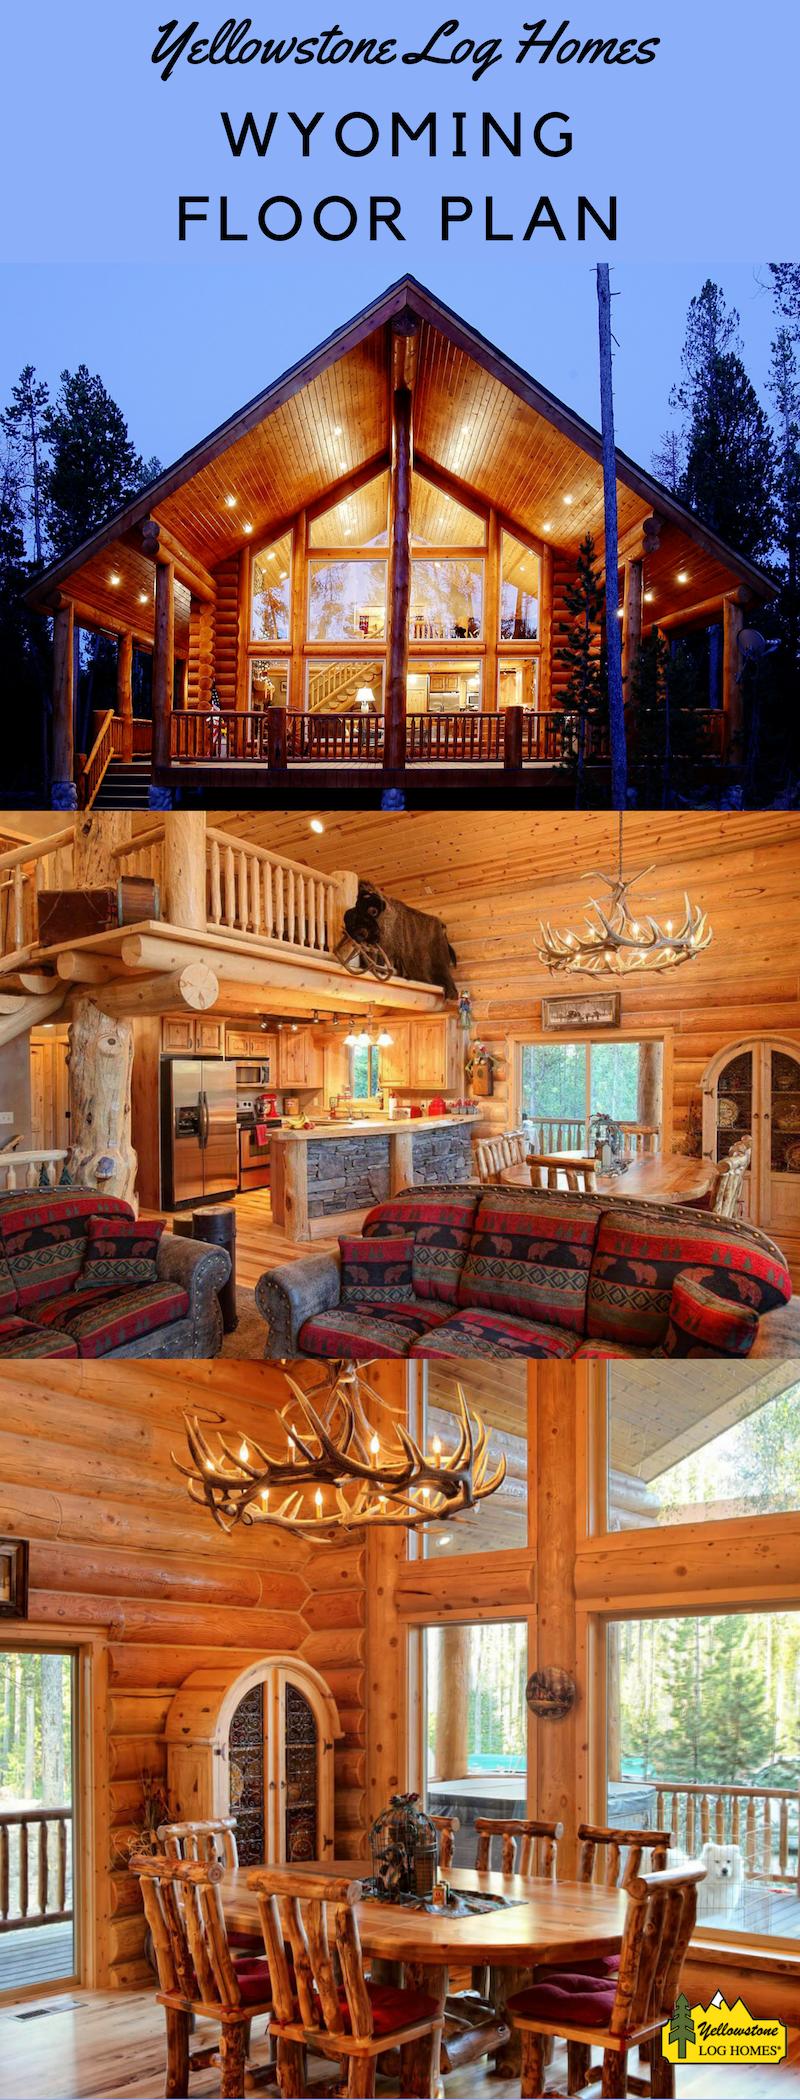 Inside the Wyoming Floor Plan in 2020 Log homes, Log